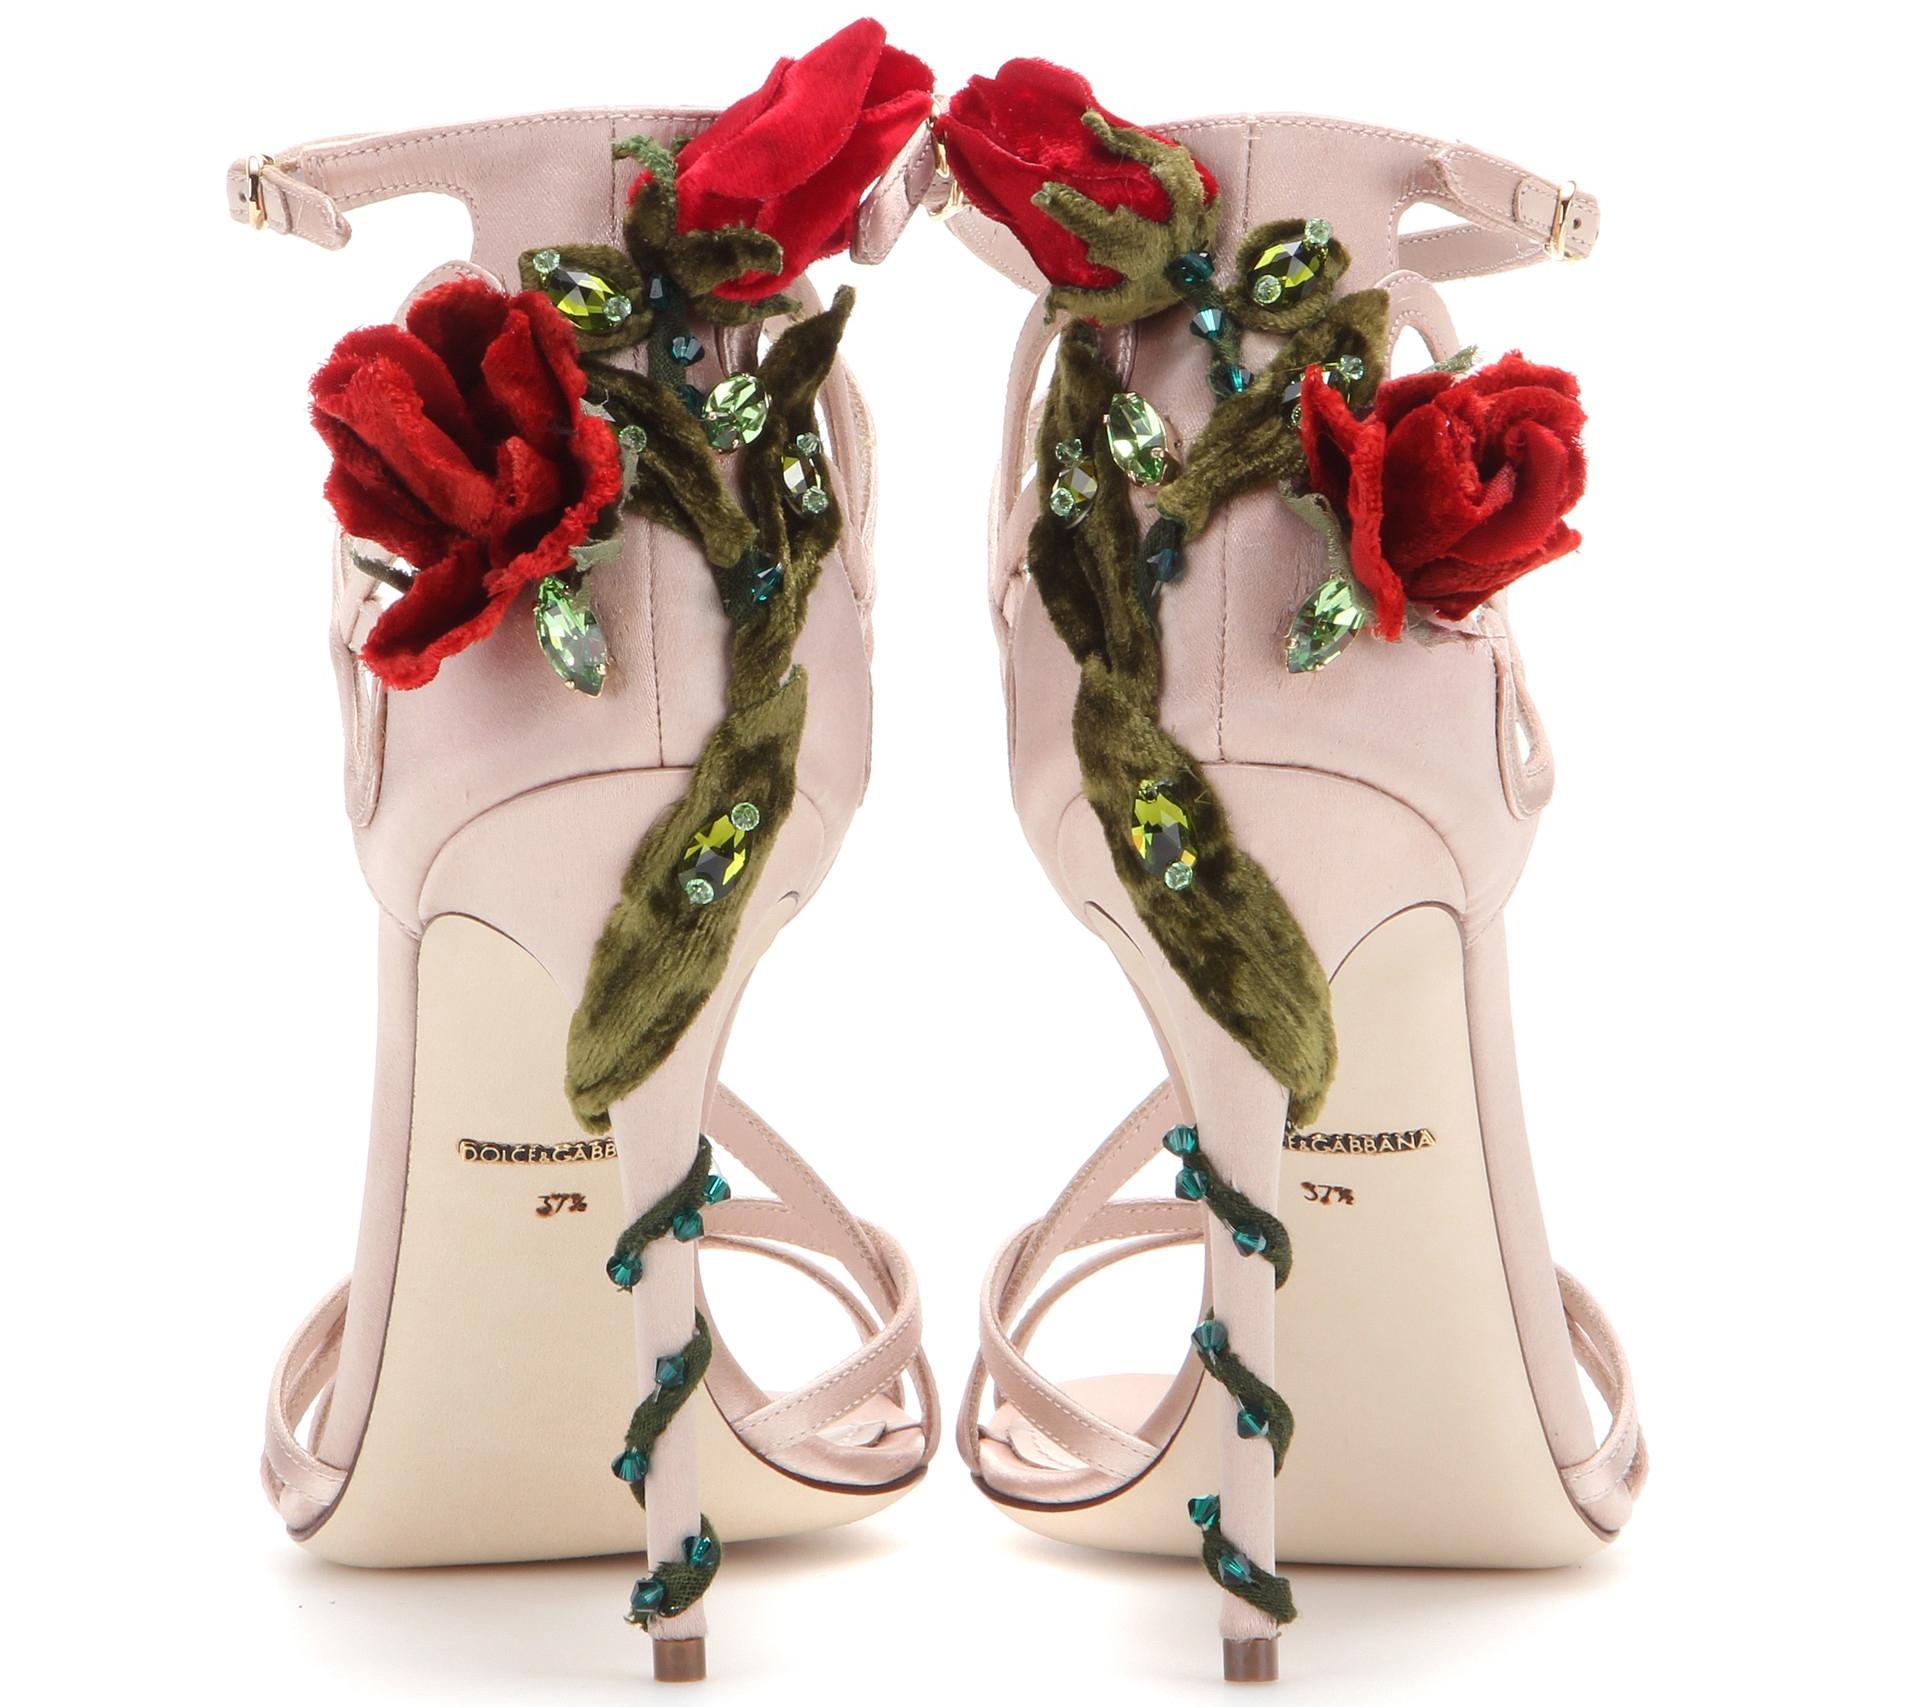 Dolce and Gabbana Embellished satin sandals back